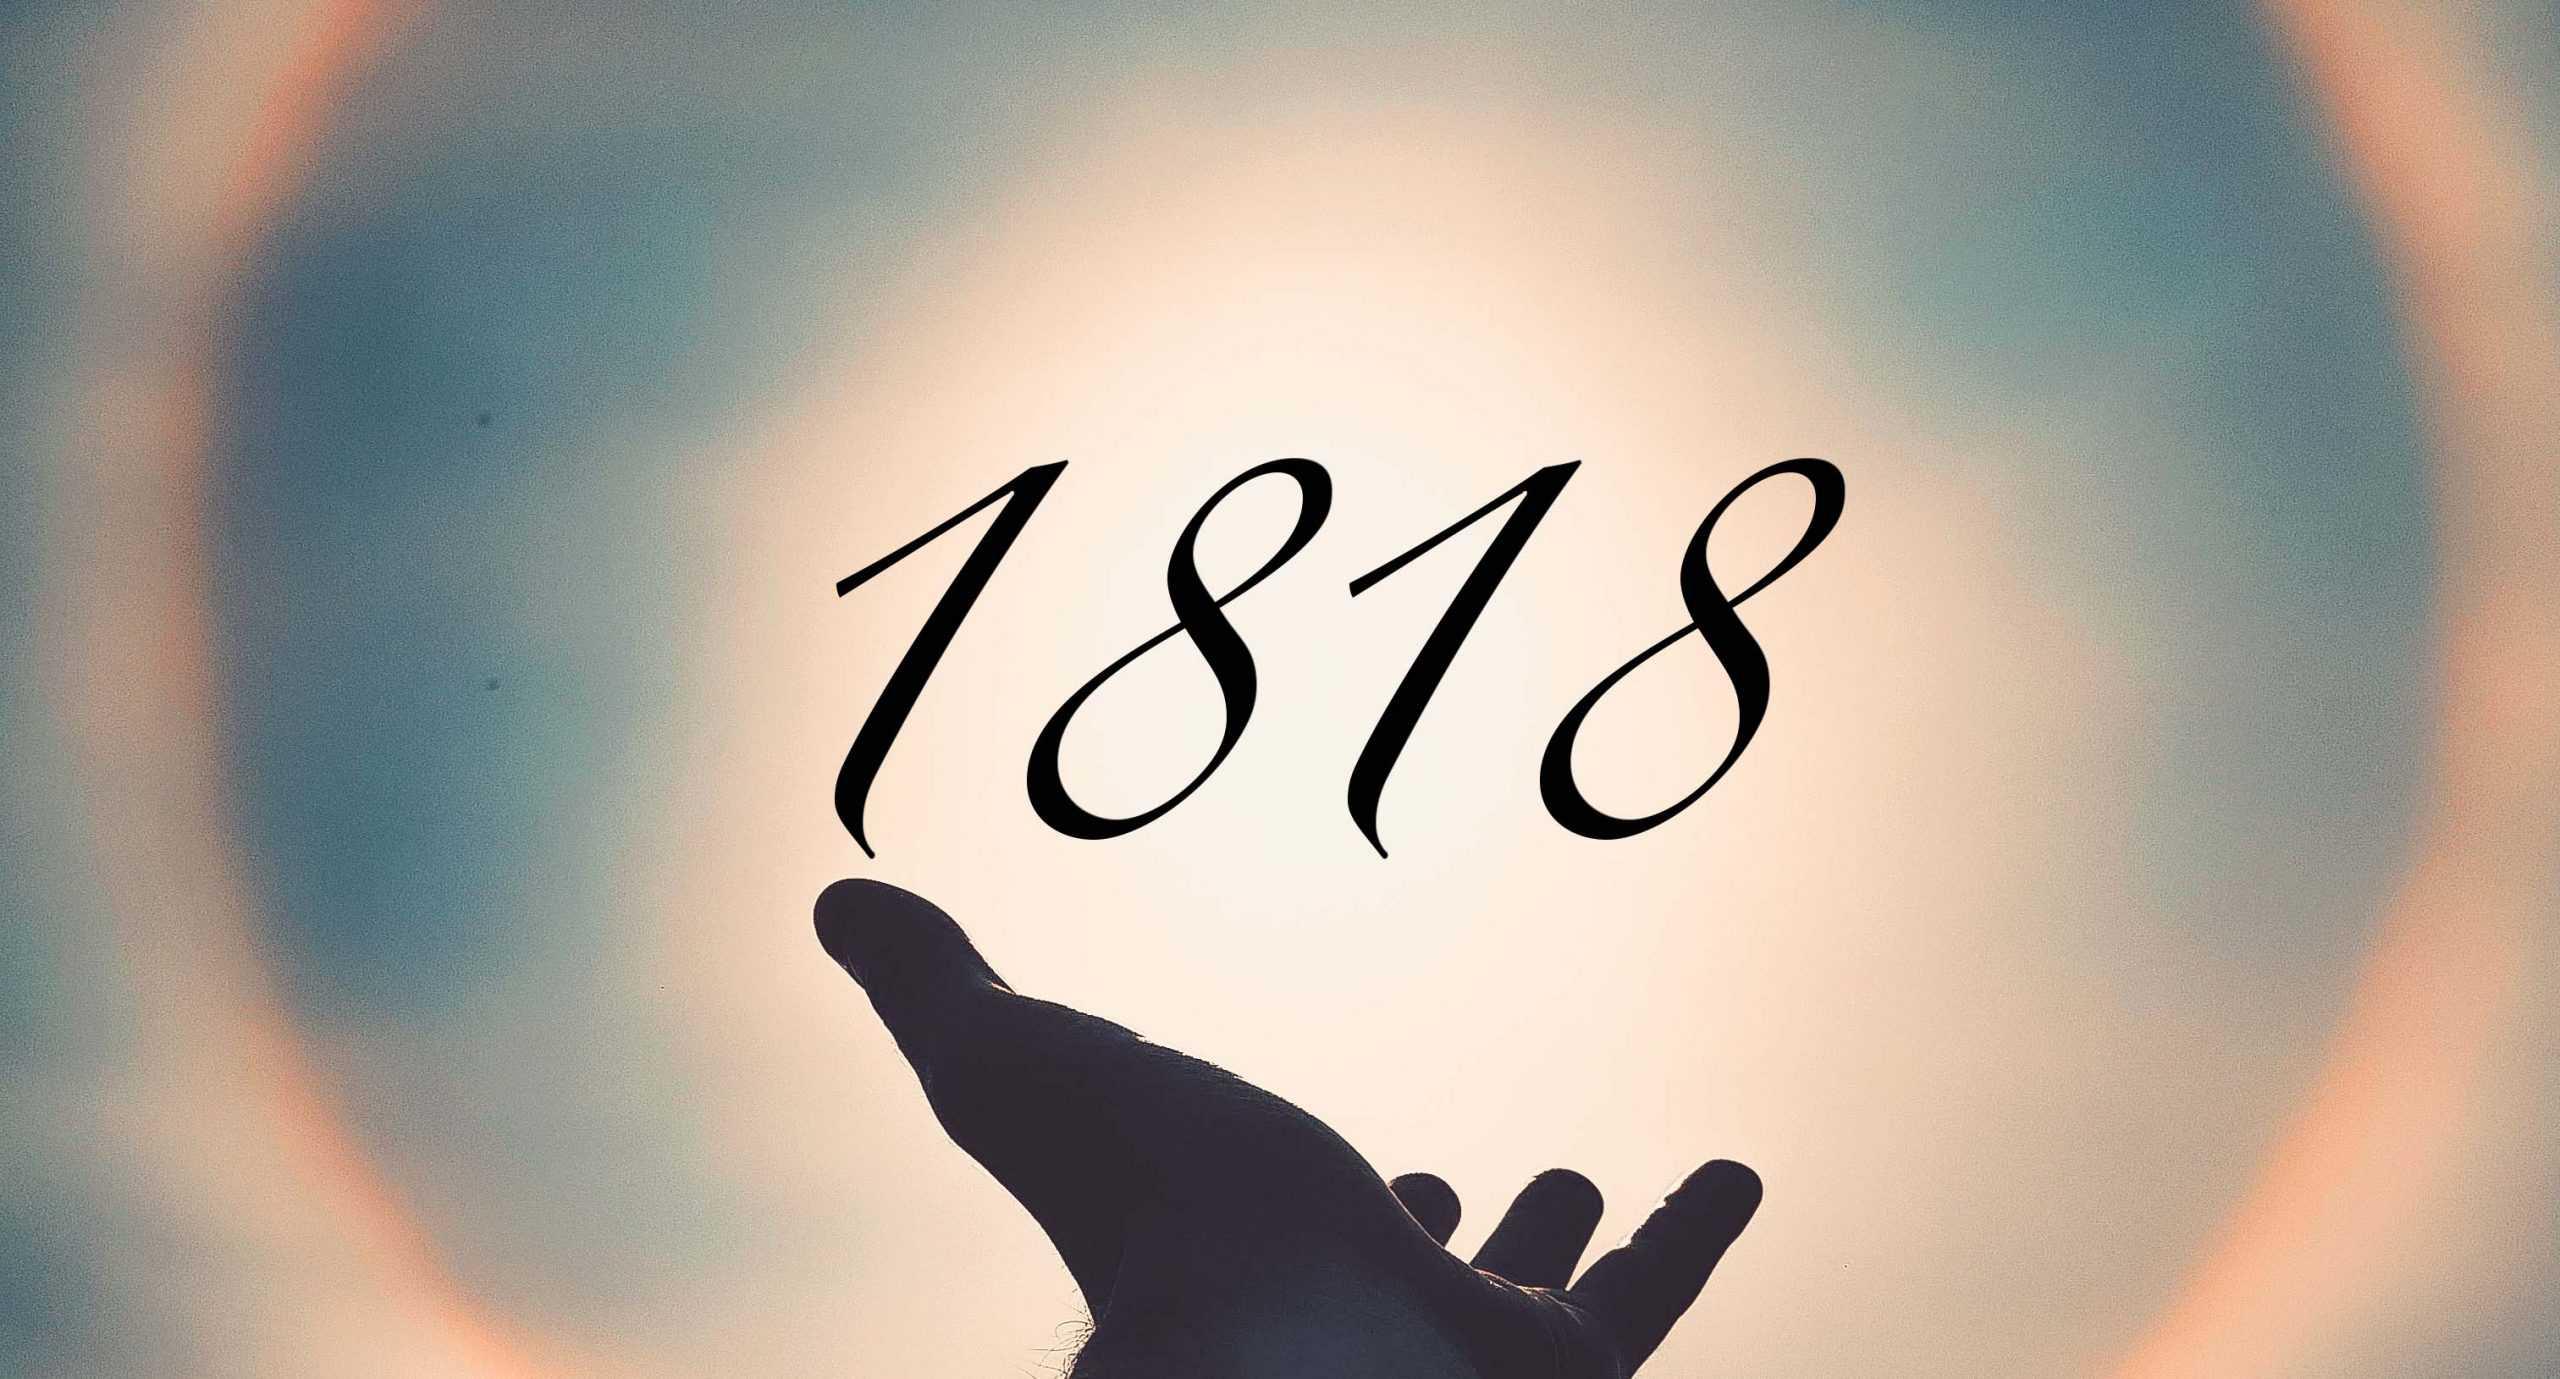 Signification du nombre 1818